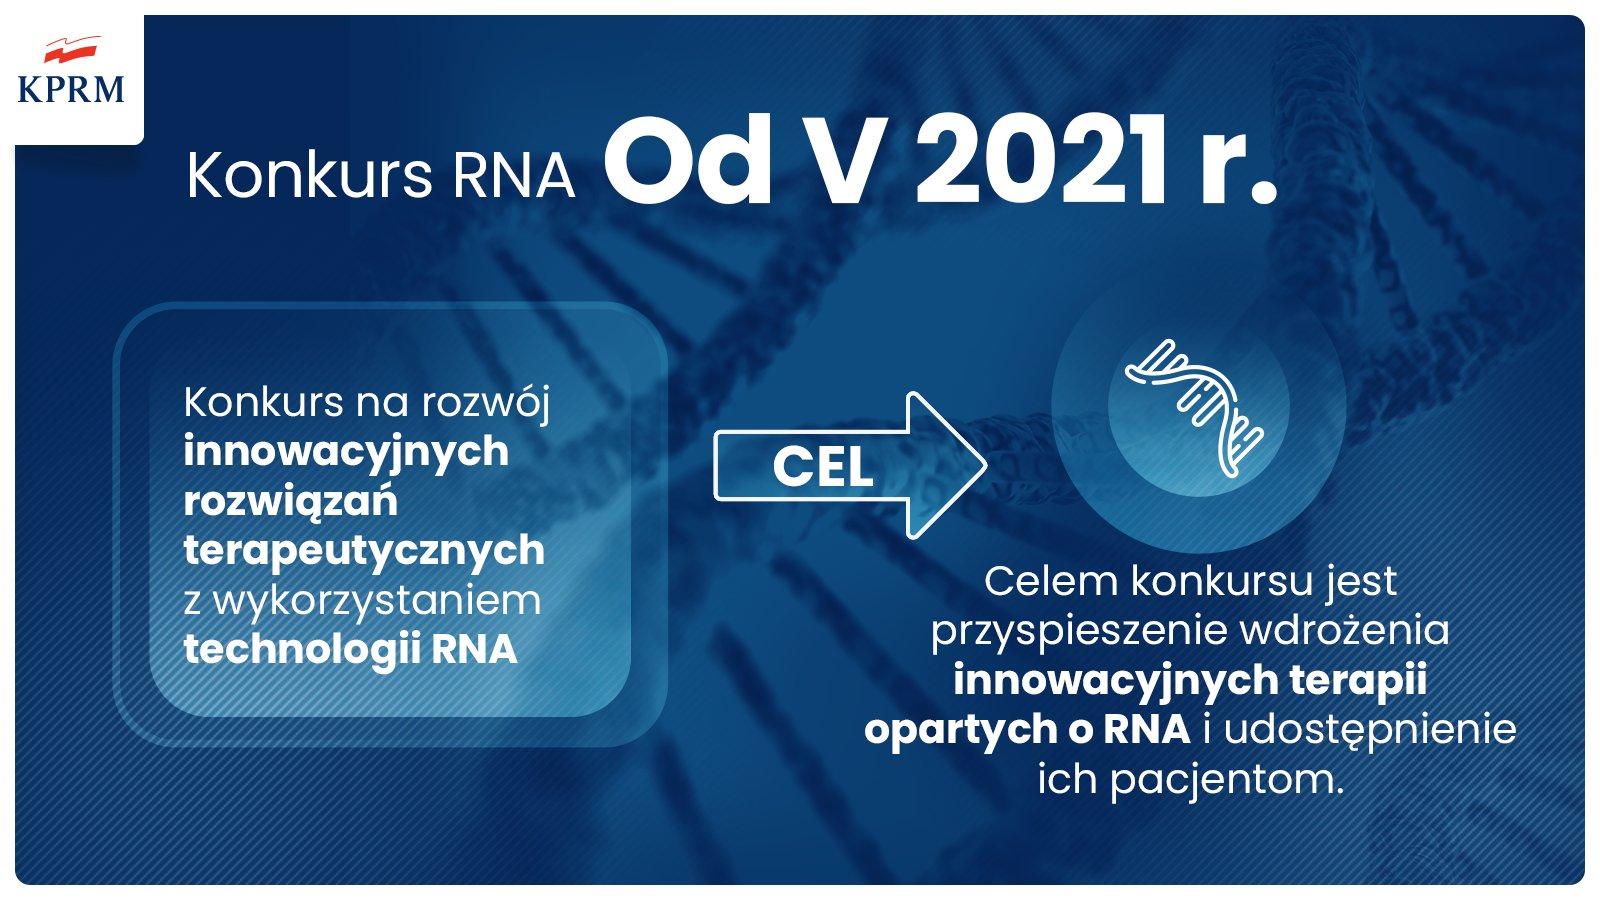 Wdrożenie technologii mRNA w Polsce